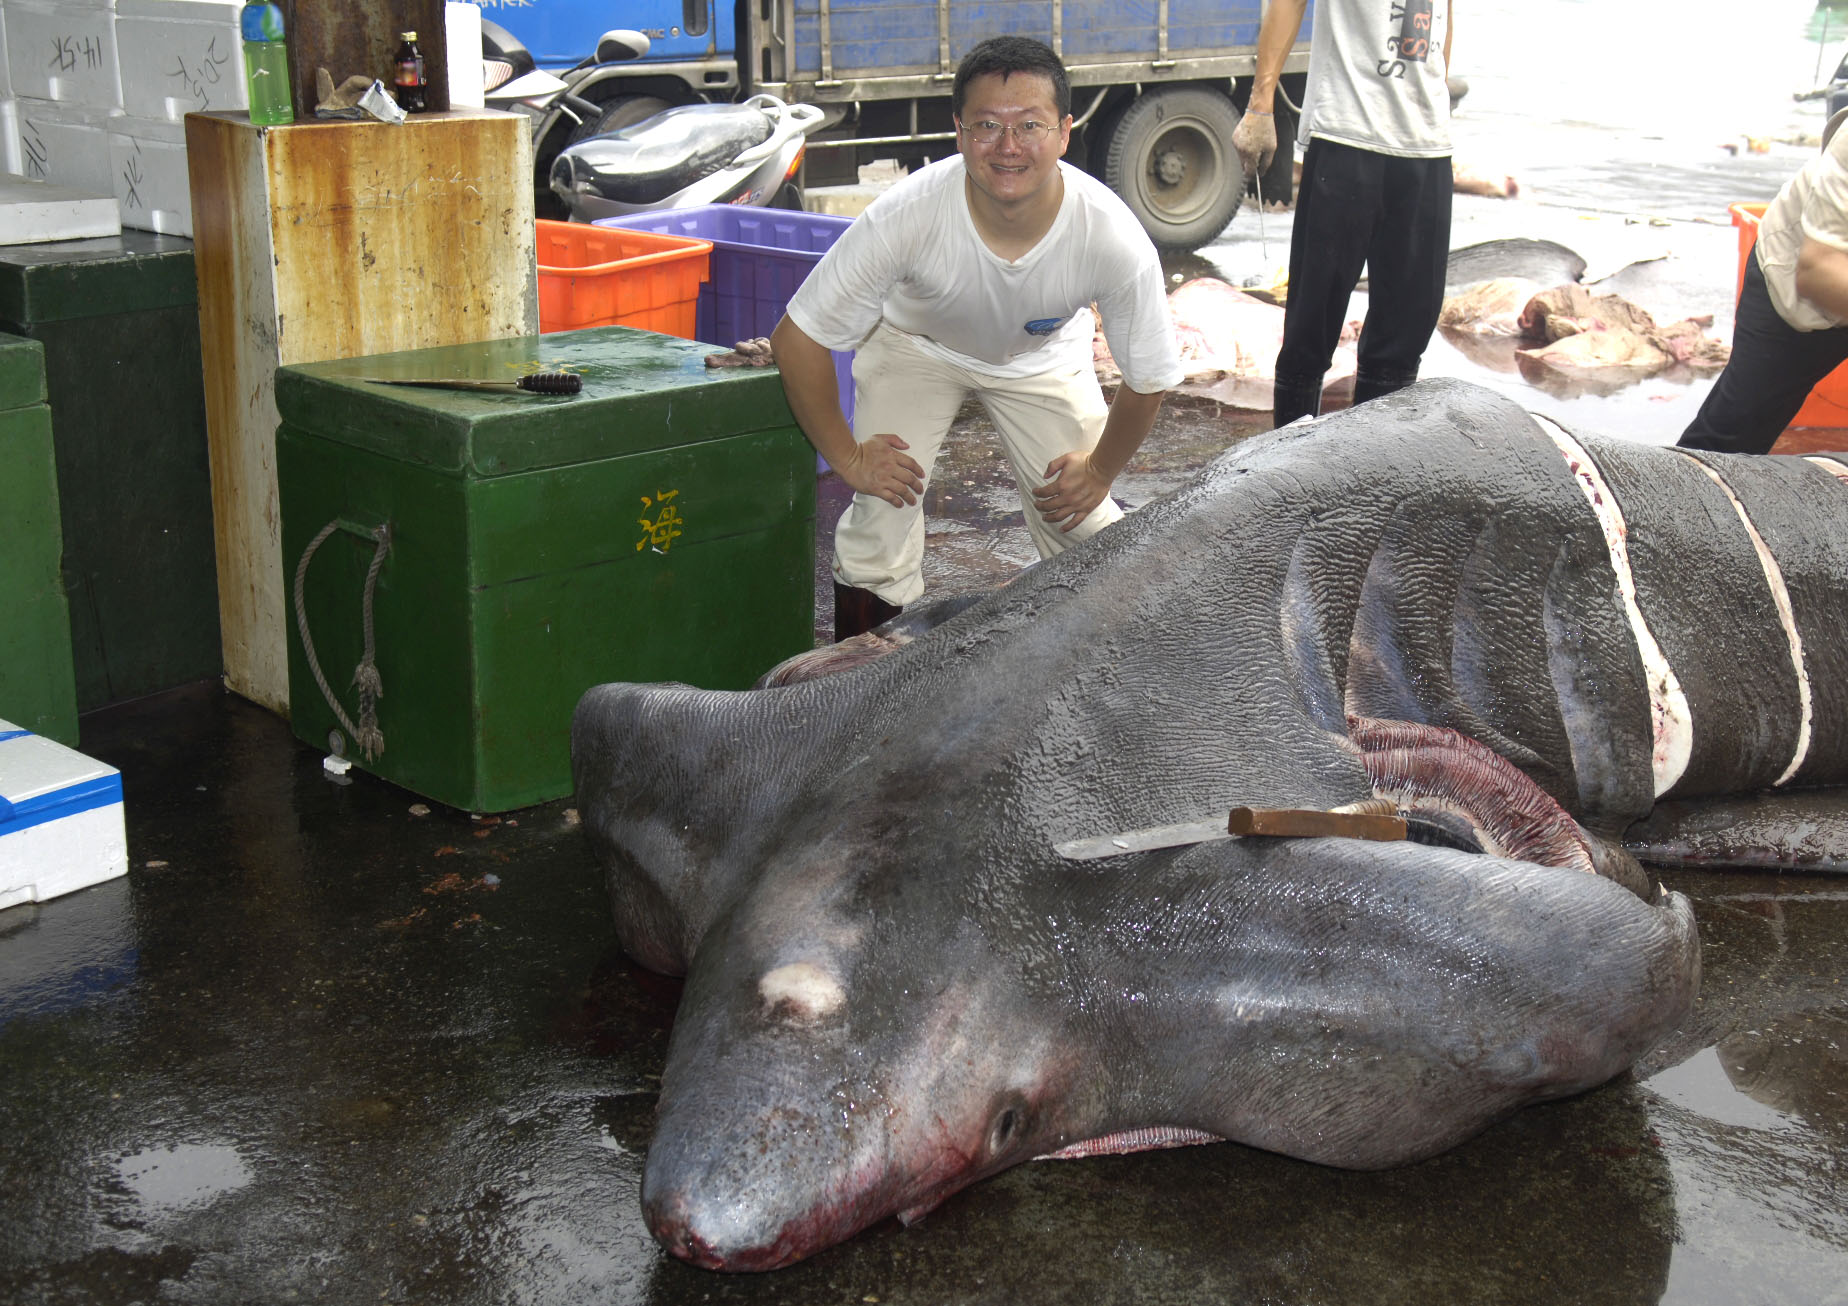 漁民捕獲稀罕的象鮫,李柏鋒正在漁港進行採樣工作。象鮫是世界第二大魚類,體長可達 6 公尺以上,游動緩慢、攻擊性低。近年因為魚翅、鯊魚肝等需求大增,已面臨滅絕威脅。圖片來源│李柏鋒提供